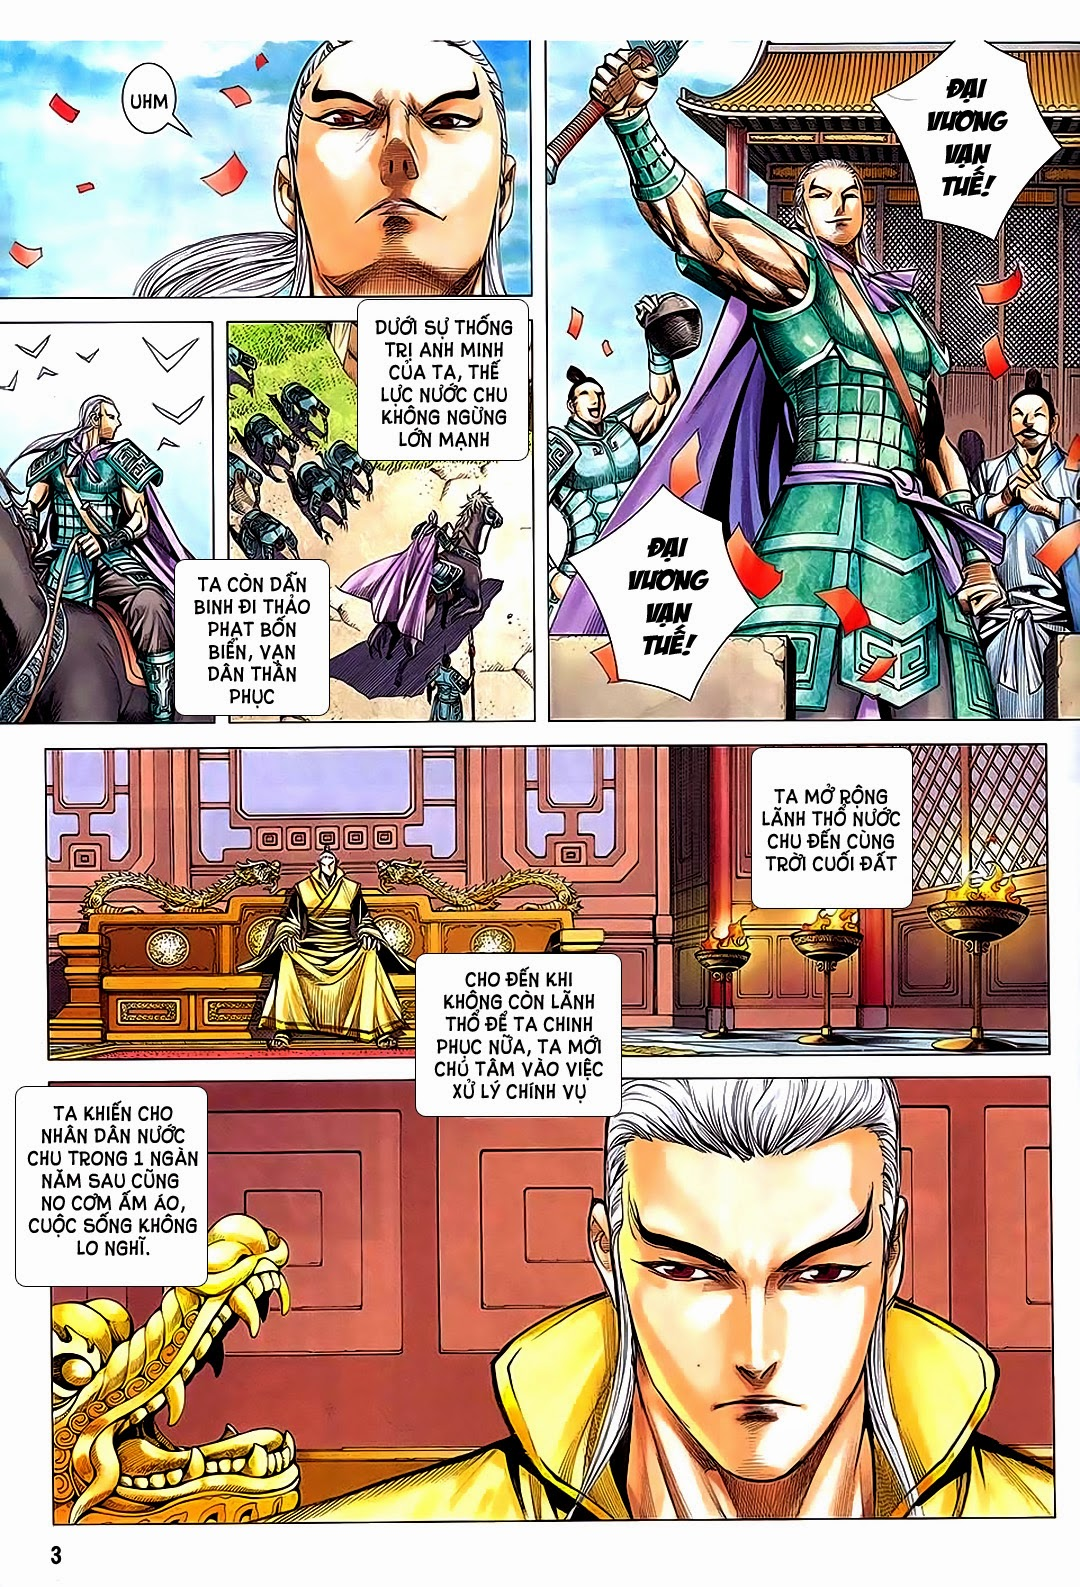 a3manga.com-phong-than-ky-3